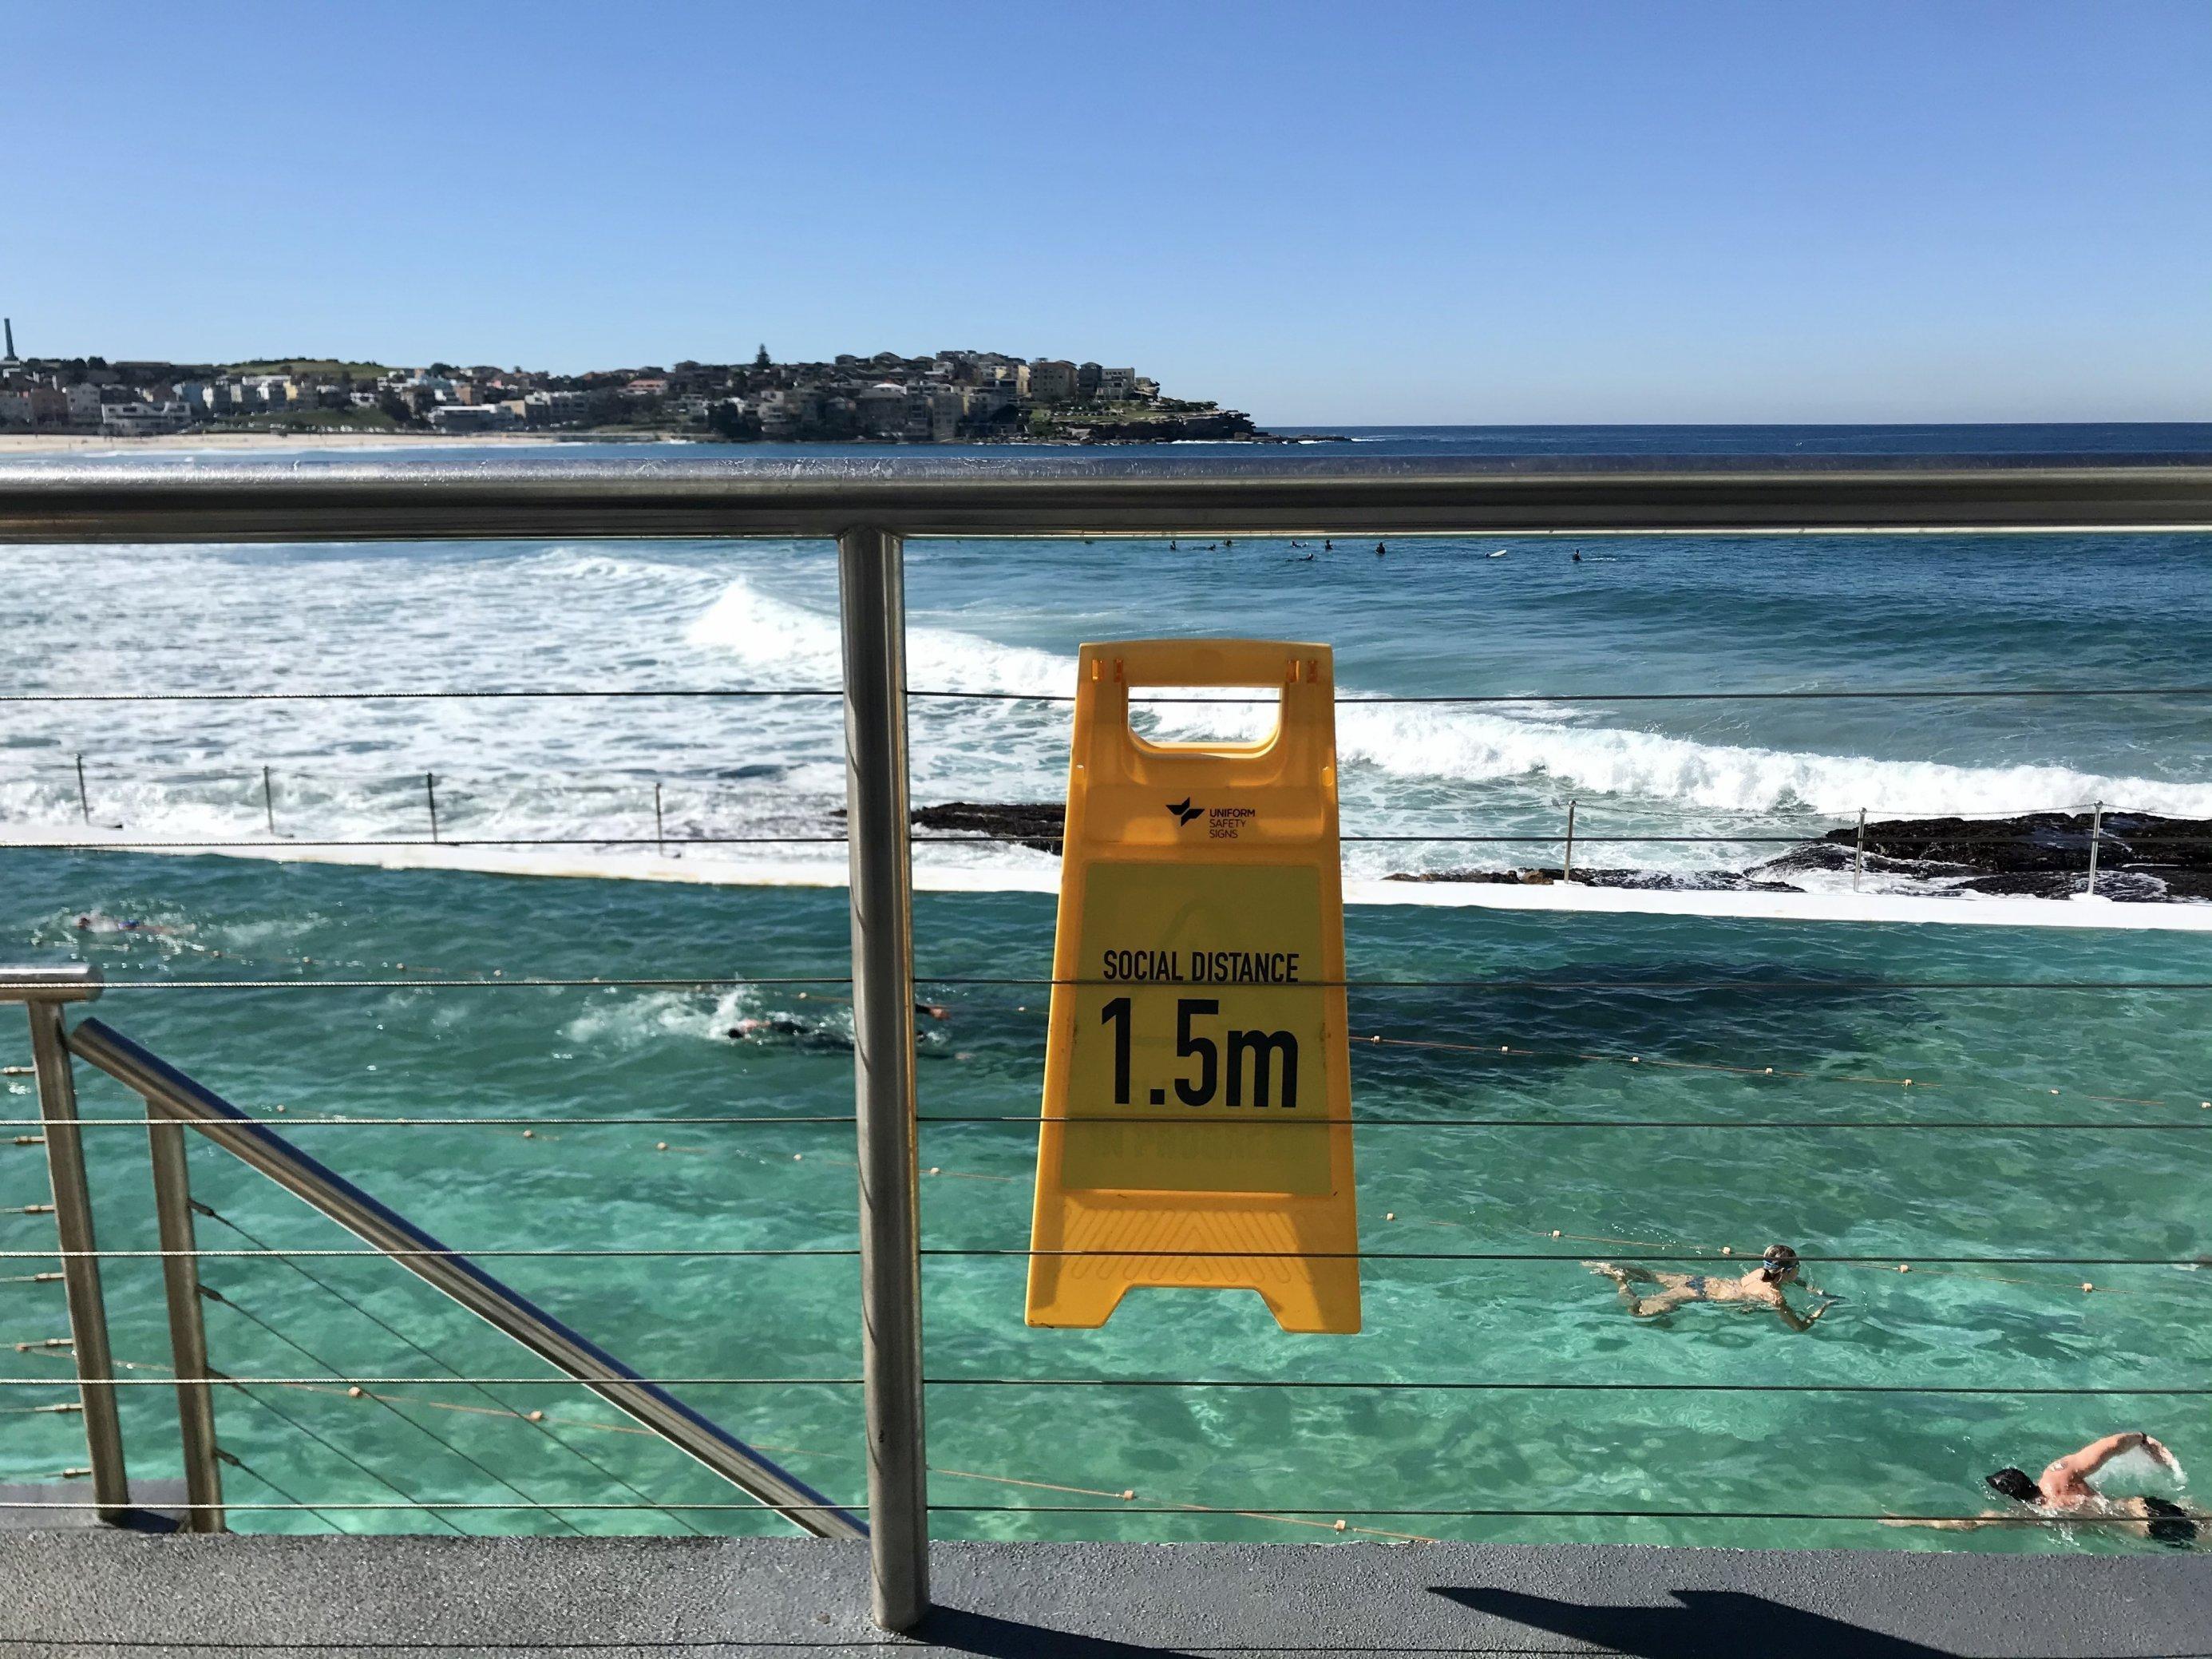 Im Meeresschwimmbad 'Icebergs' in Sydneys Strandvorort Bondi Beach ziehen Krauler ihre Bahnen. Ein Schild erinnert daran, 1,5Meter Abstand zu anderen Menschen zu halten. In der letzten Juniwoche geht auch das Meeresschwimmbad wieder in den Lockdown.